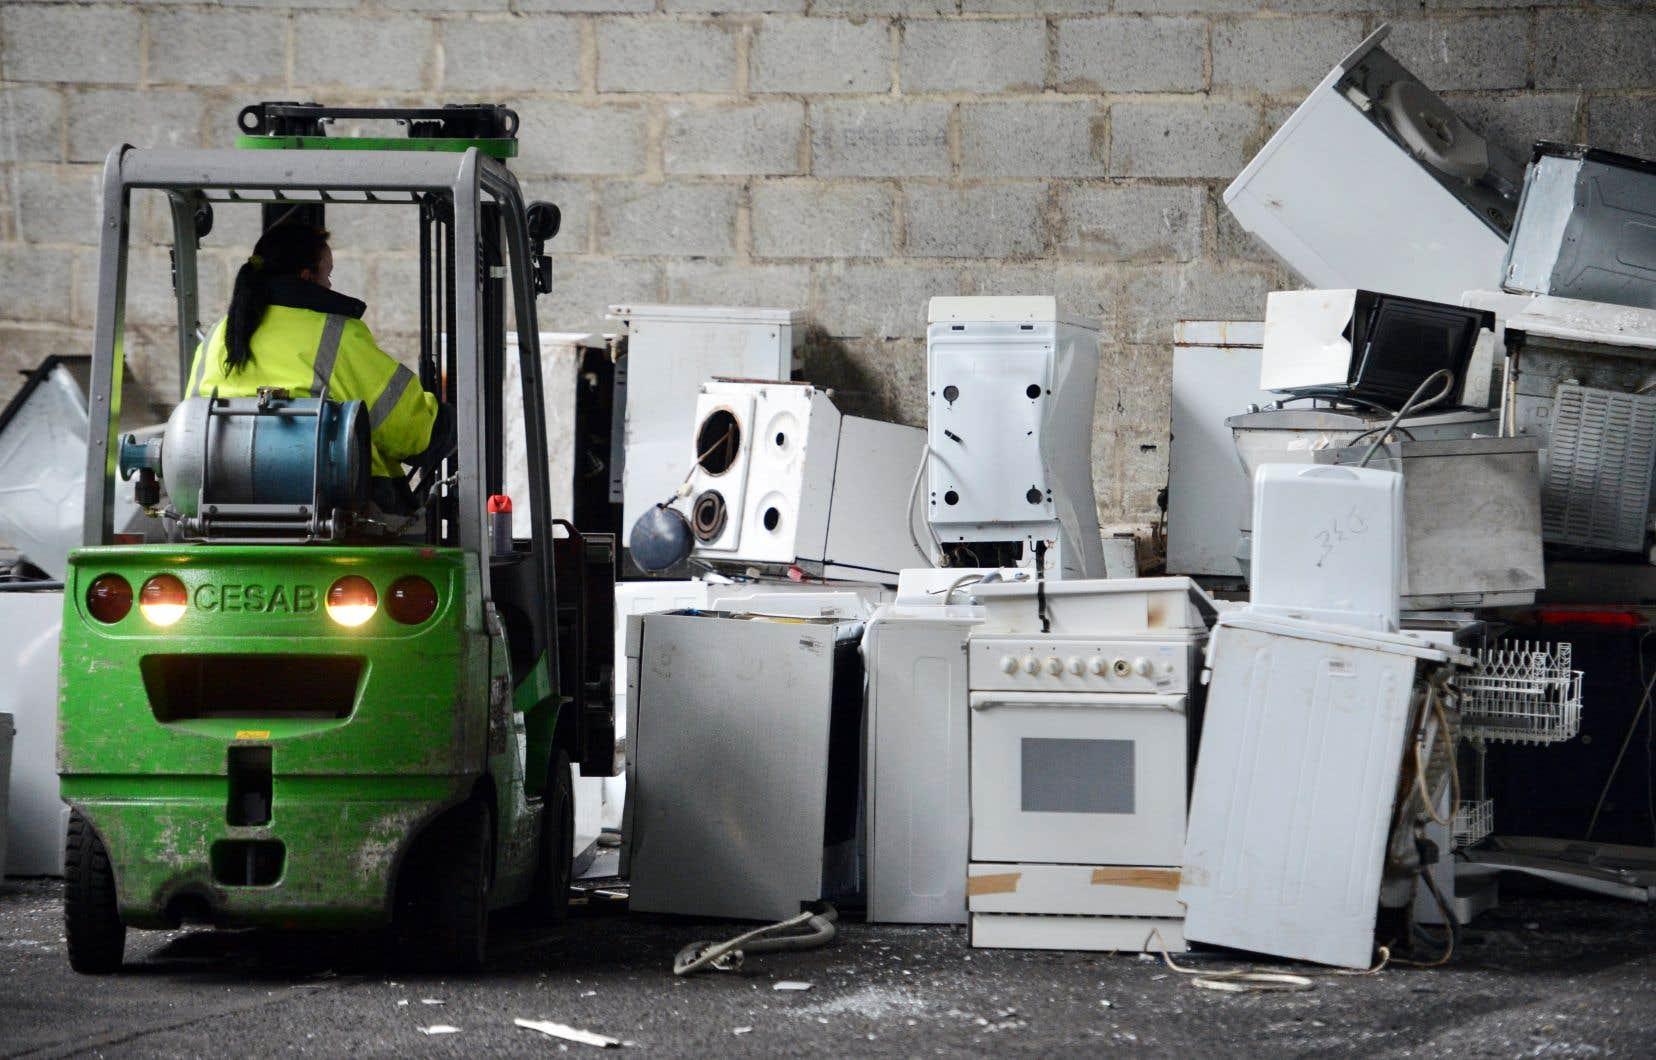 Un centre de recyclage d'appareils électroménagers à Ploufragan, en France